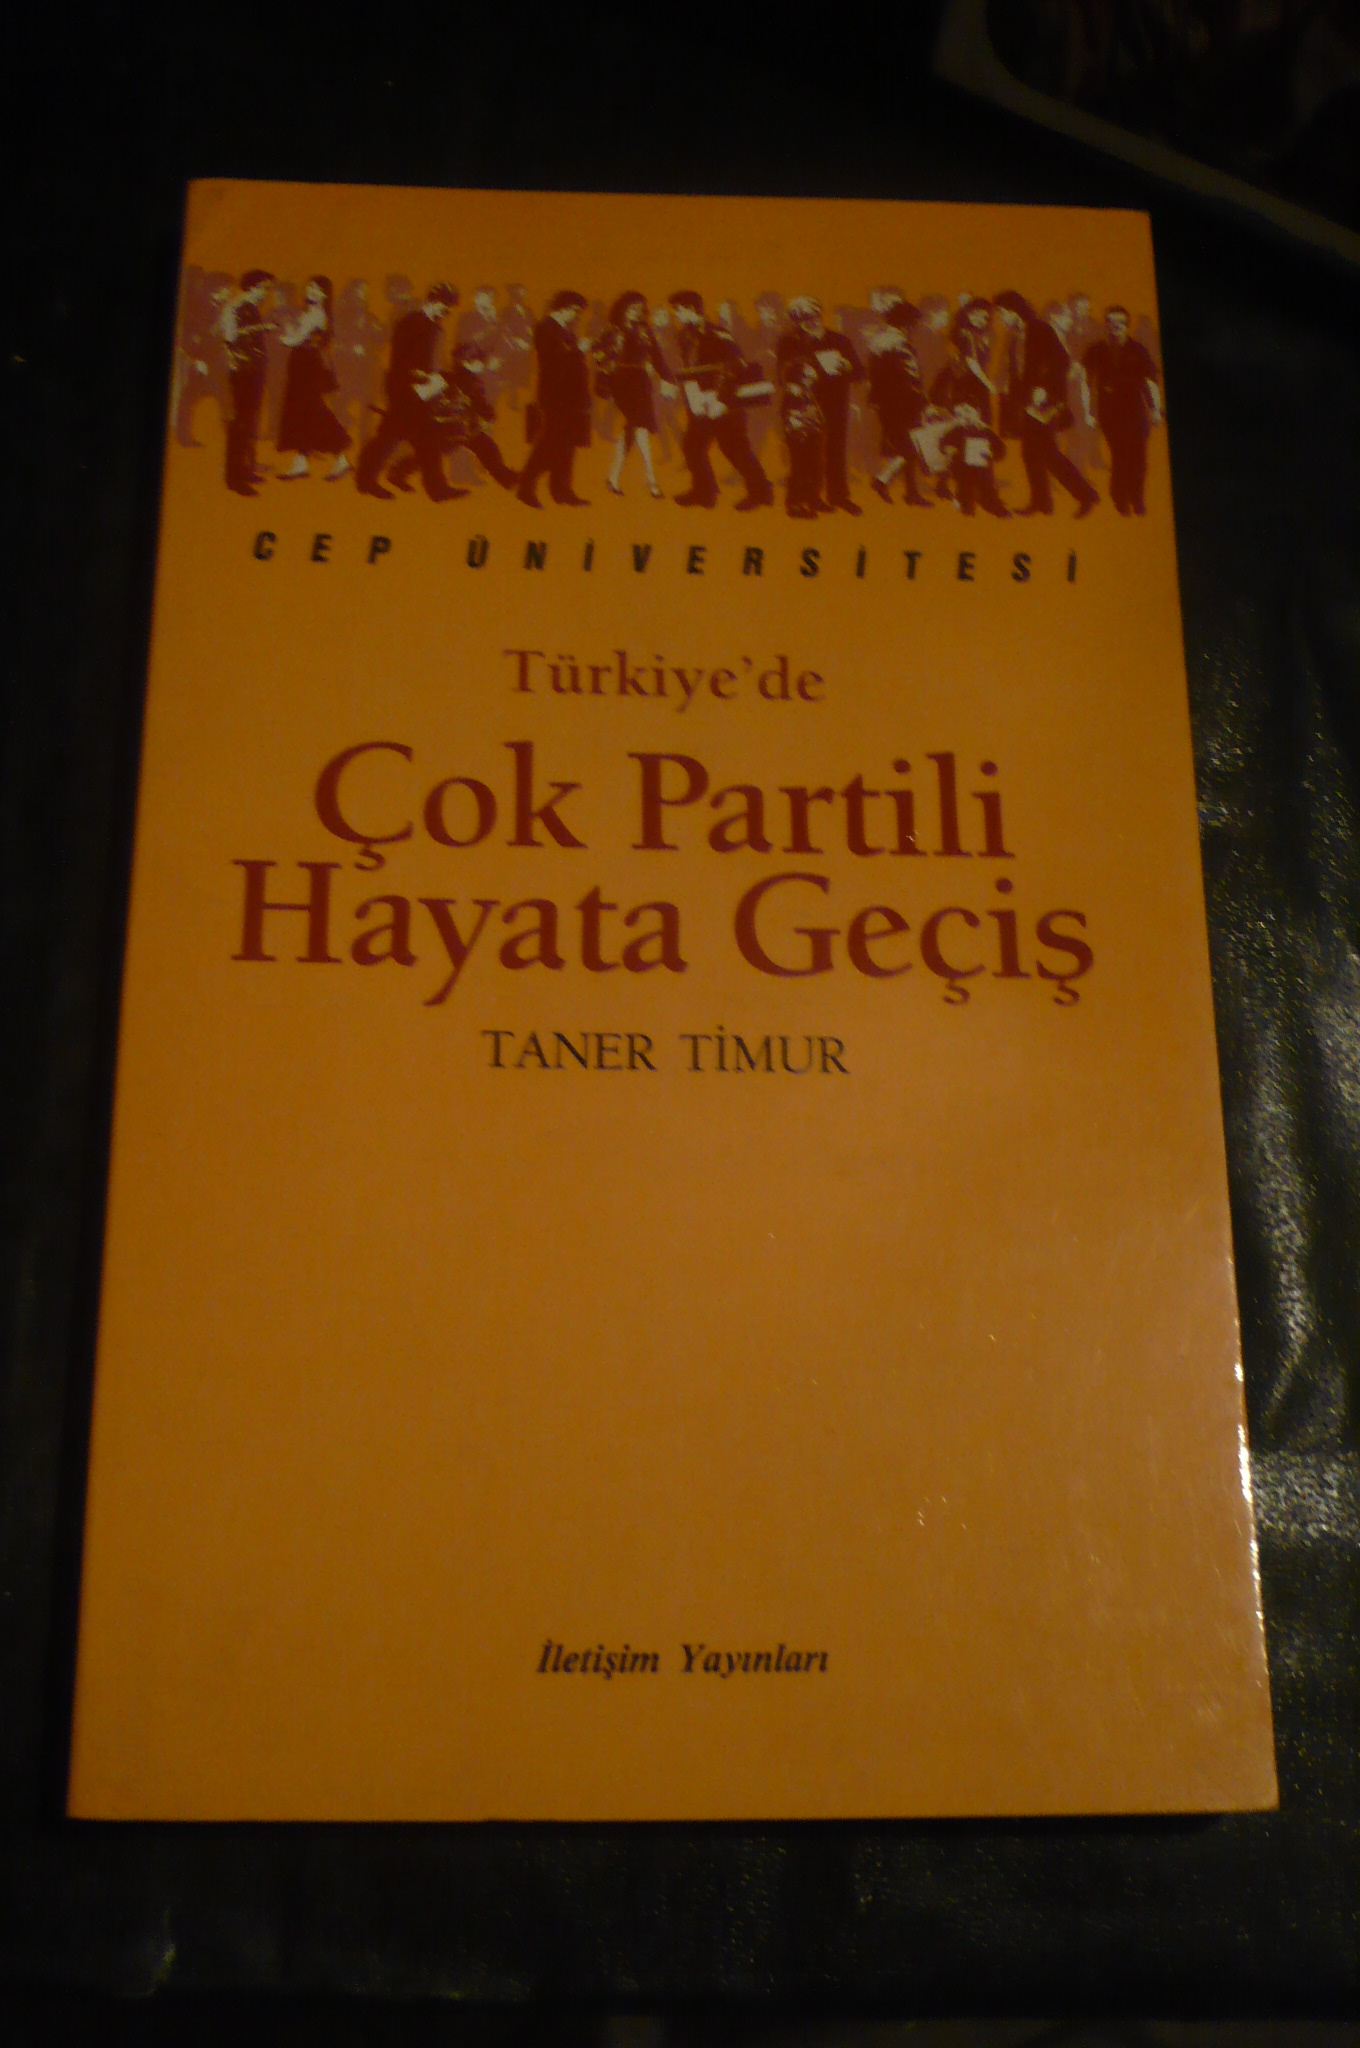 Türkiye'de çok partili hayata geçiş/Taner TİMUR/10 TL